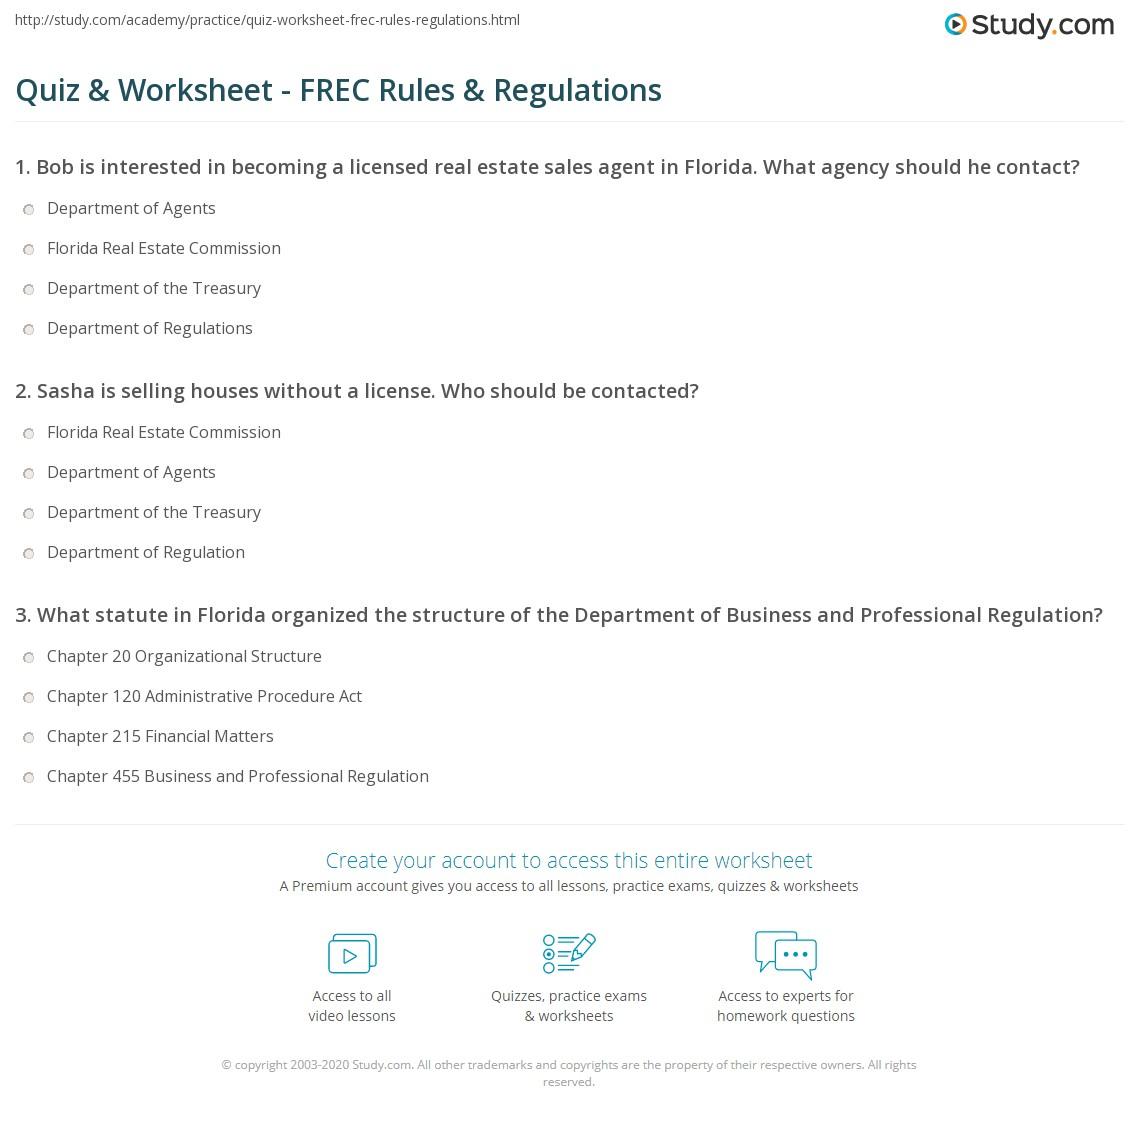 Quiz & Worksheet - FREC Rules & Regulations | Study com